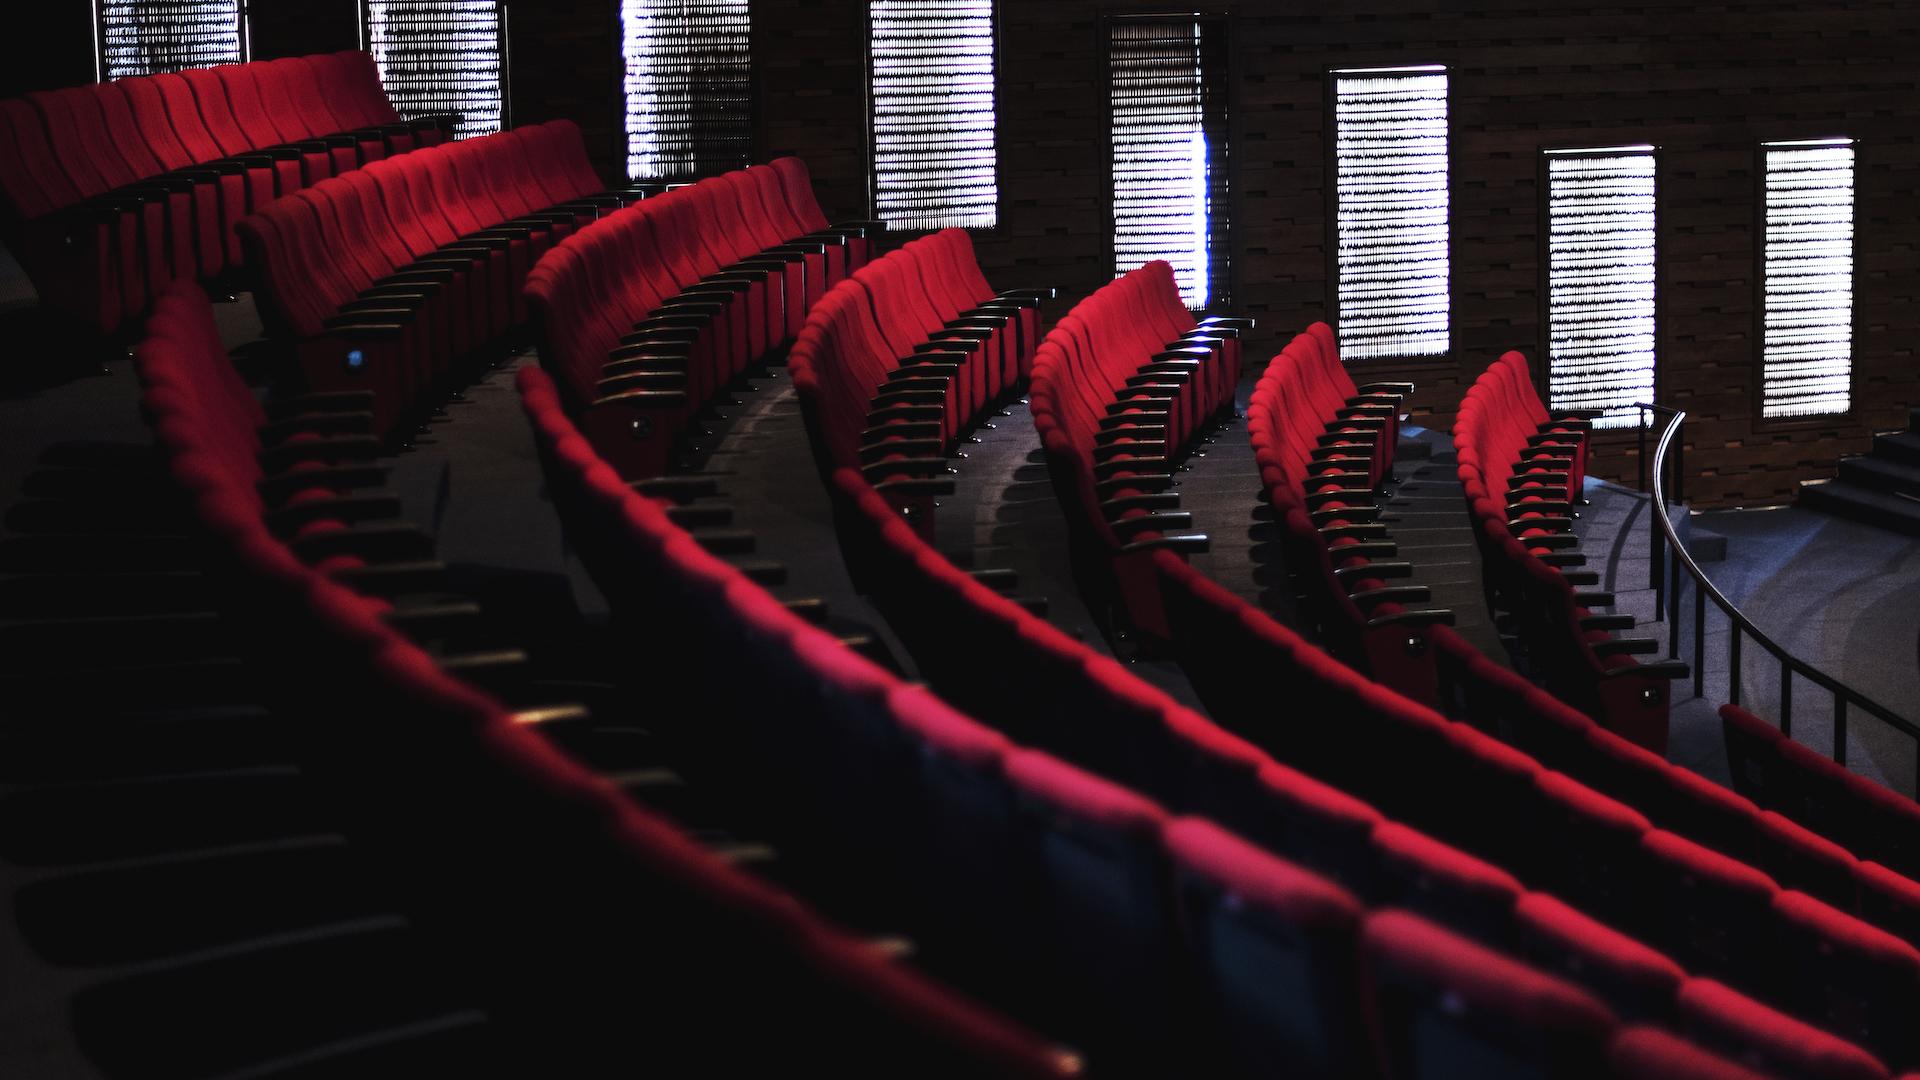 ¿hay-que-sacar-permiso-de-circulacion-para-ir-al-cine-a-ver-peliculas-que-terminan-pasada-la-medianoche?